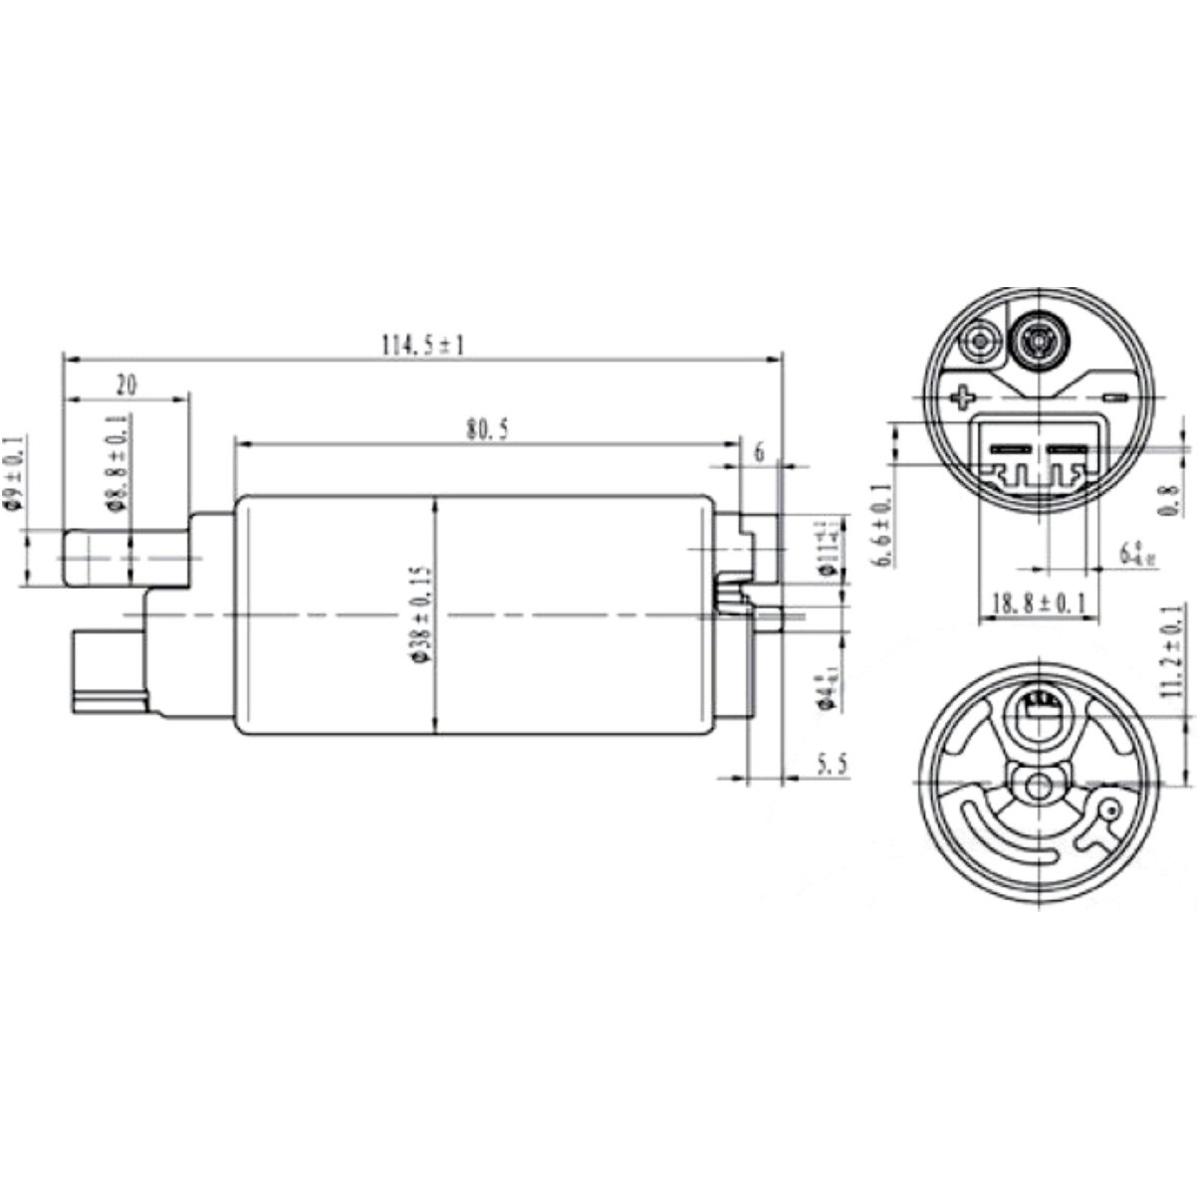 fuel pump 121660050